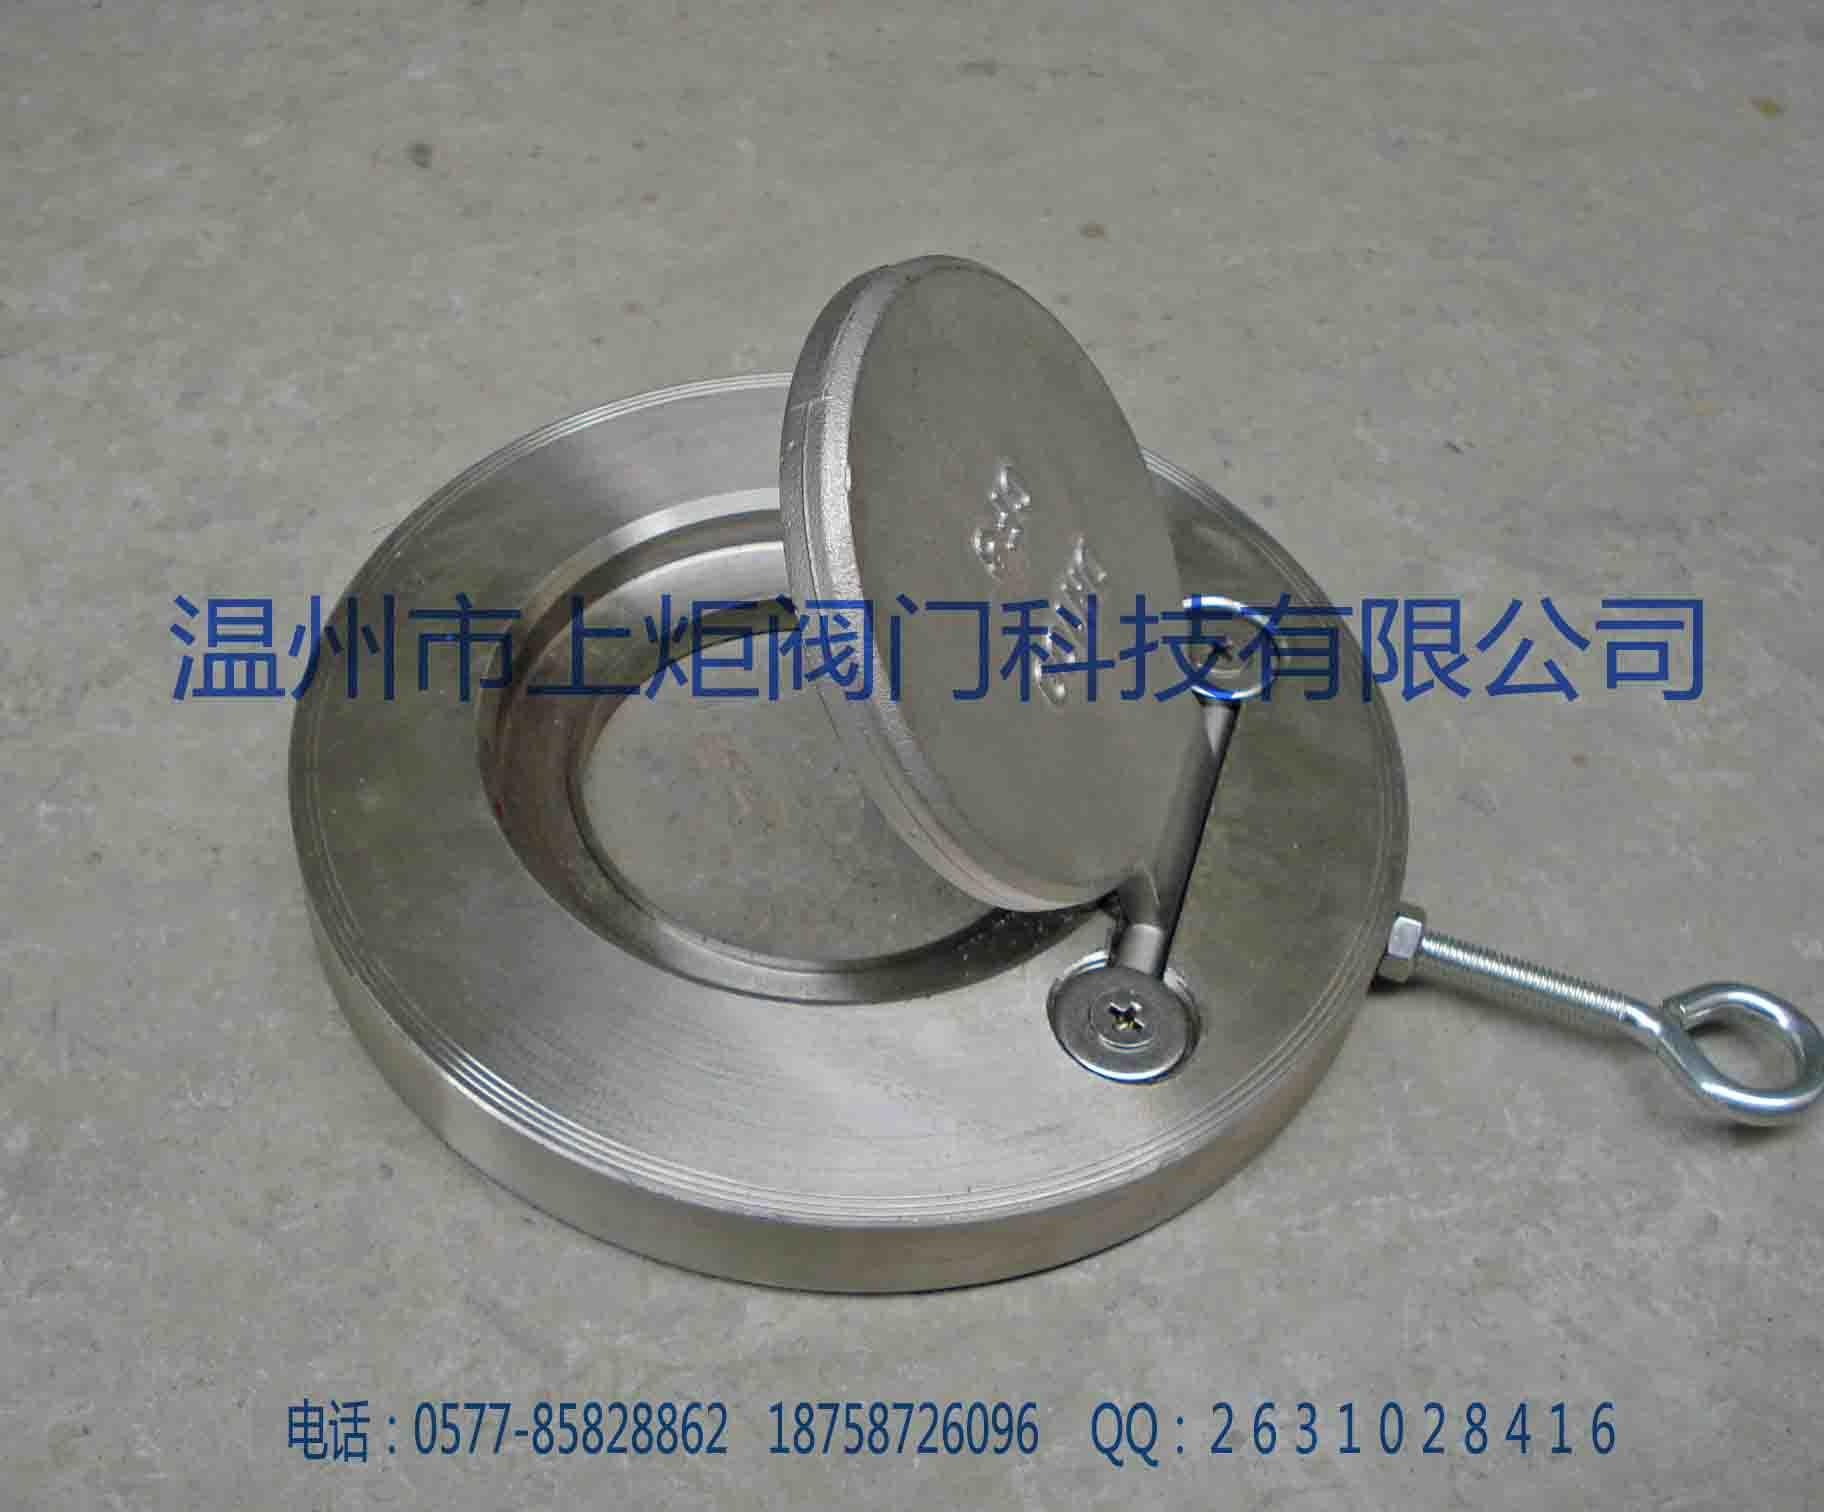 供应铸钢旋启止回阀 碳钢对夹式止回阀 超薄型单向阀 h74h